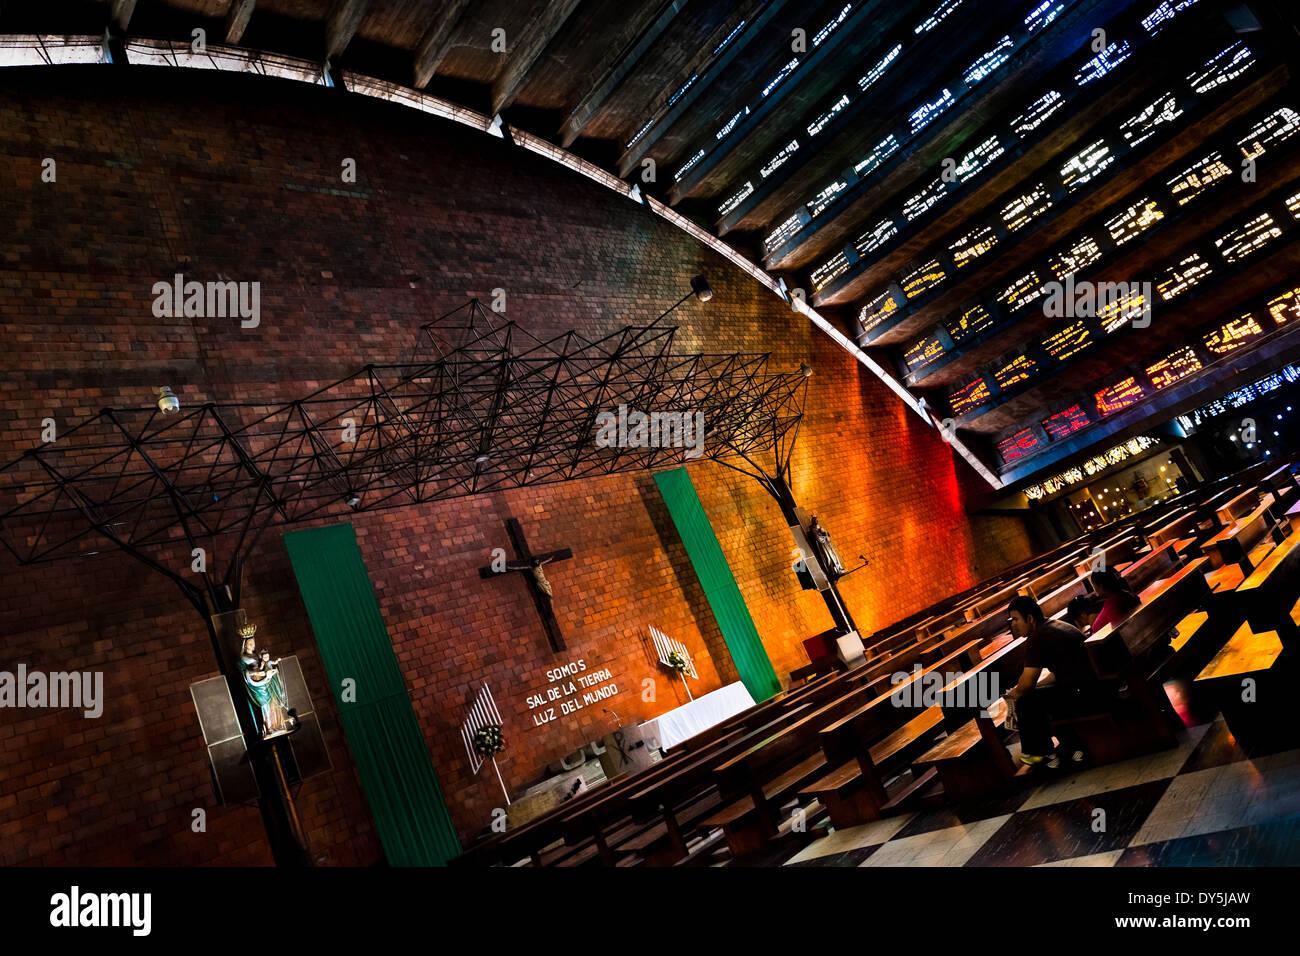 Colorata luce ambiente è visto all'interno di el rosario la Chiesa in El Rosario chiesa di San Salvador El salvador. Immagini Stock